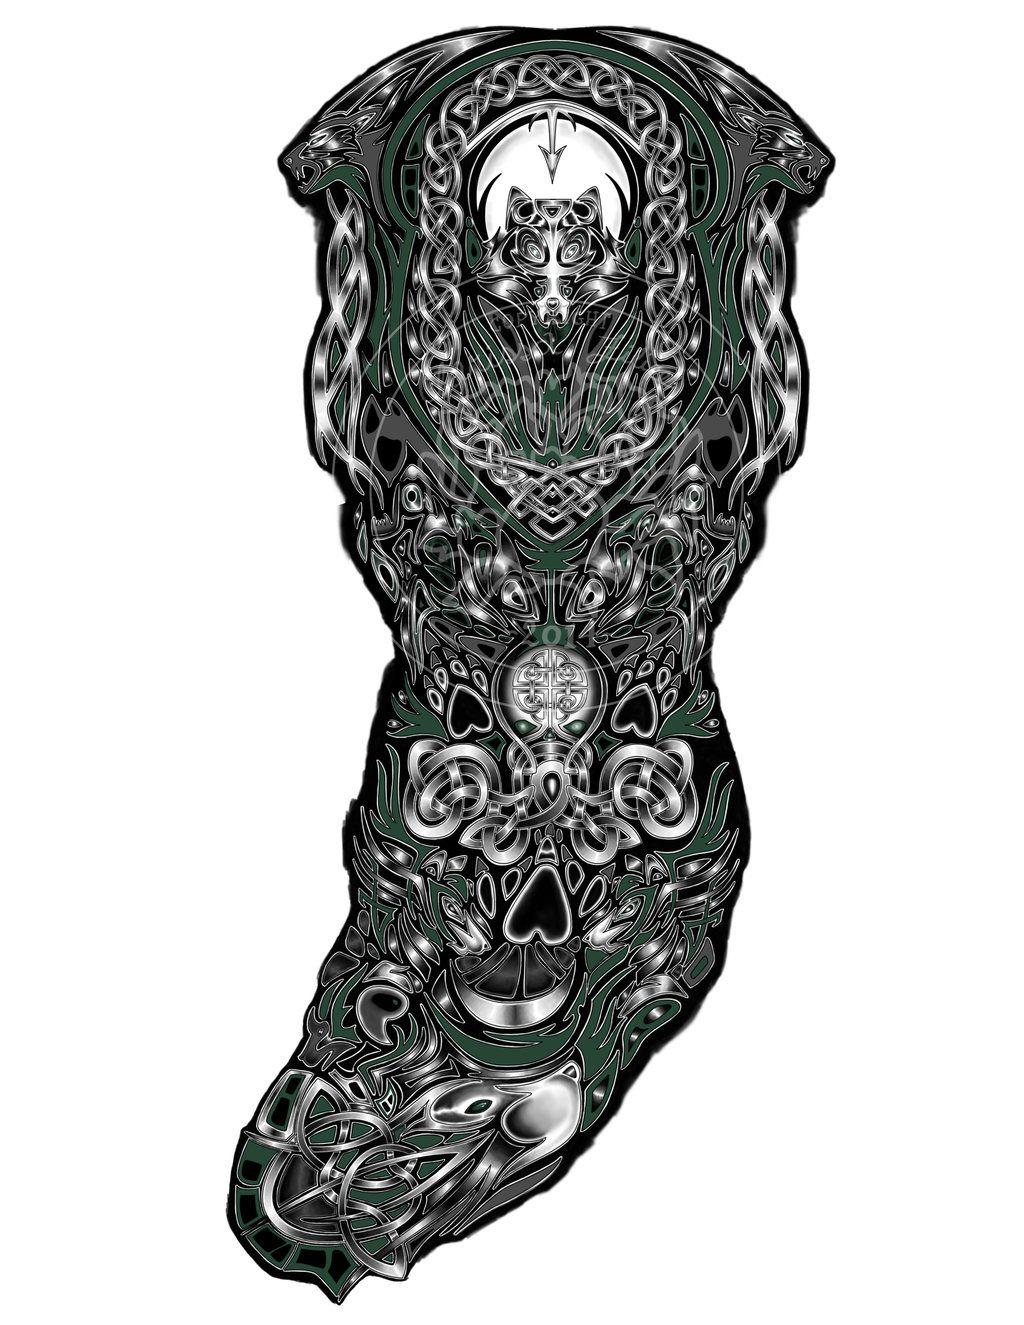 Custom Tattoo Design Celtic Wolves Armor Sleeve Tattoo Celtic Sleeve Tattoos Custom Tattoo Design